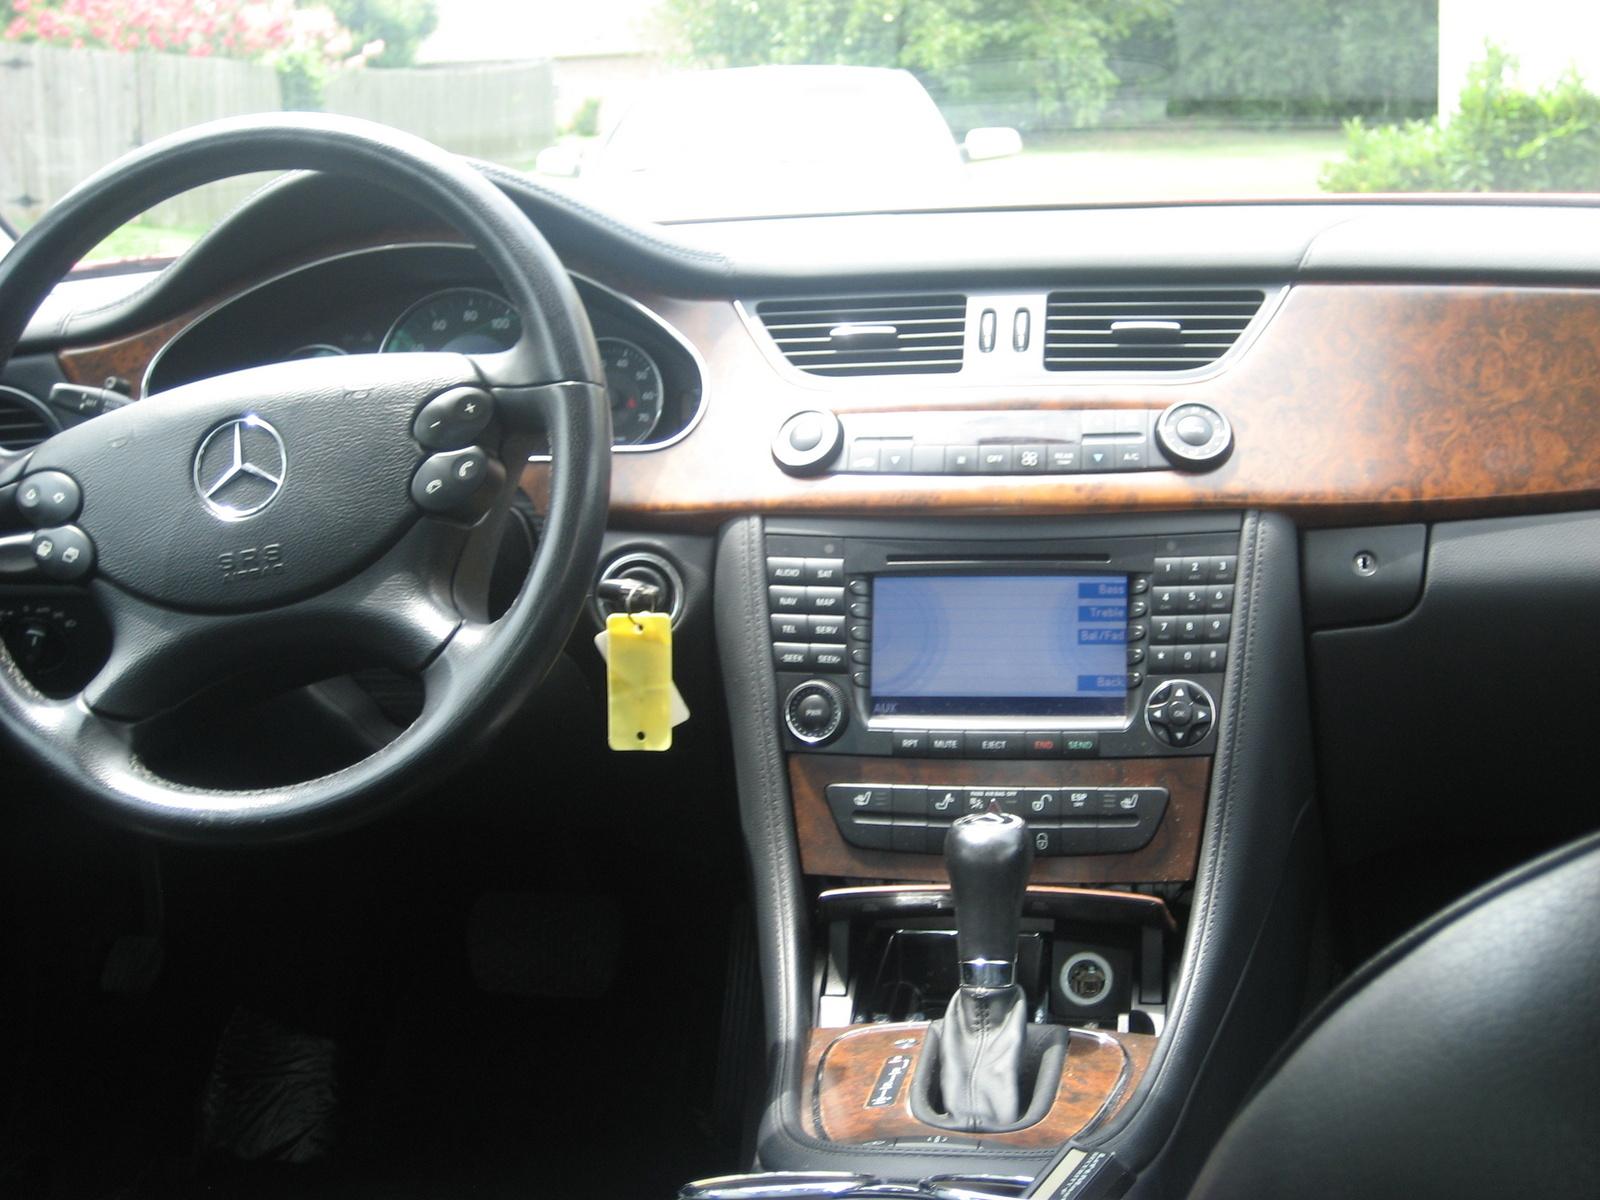 Mercedes Cls 2006 Interior 2006 Mercedes Benz Cls Class